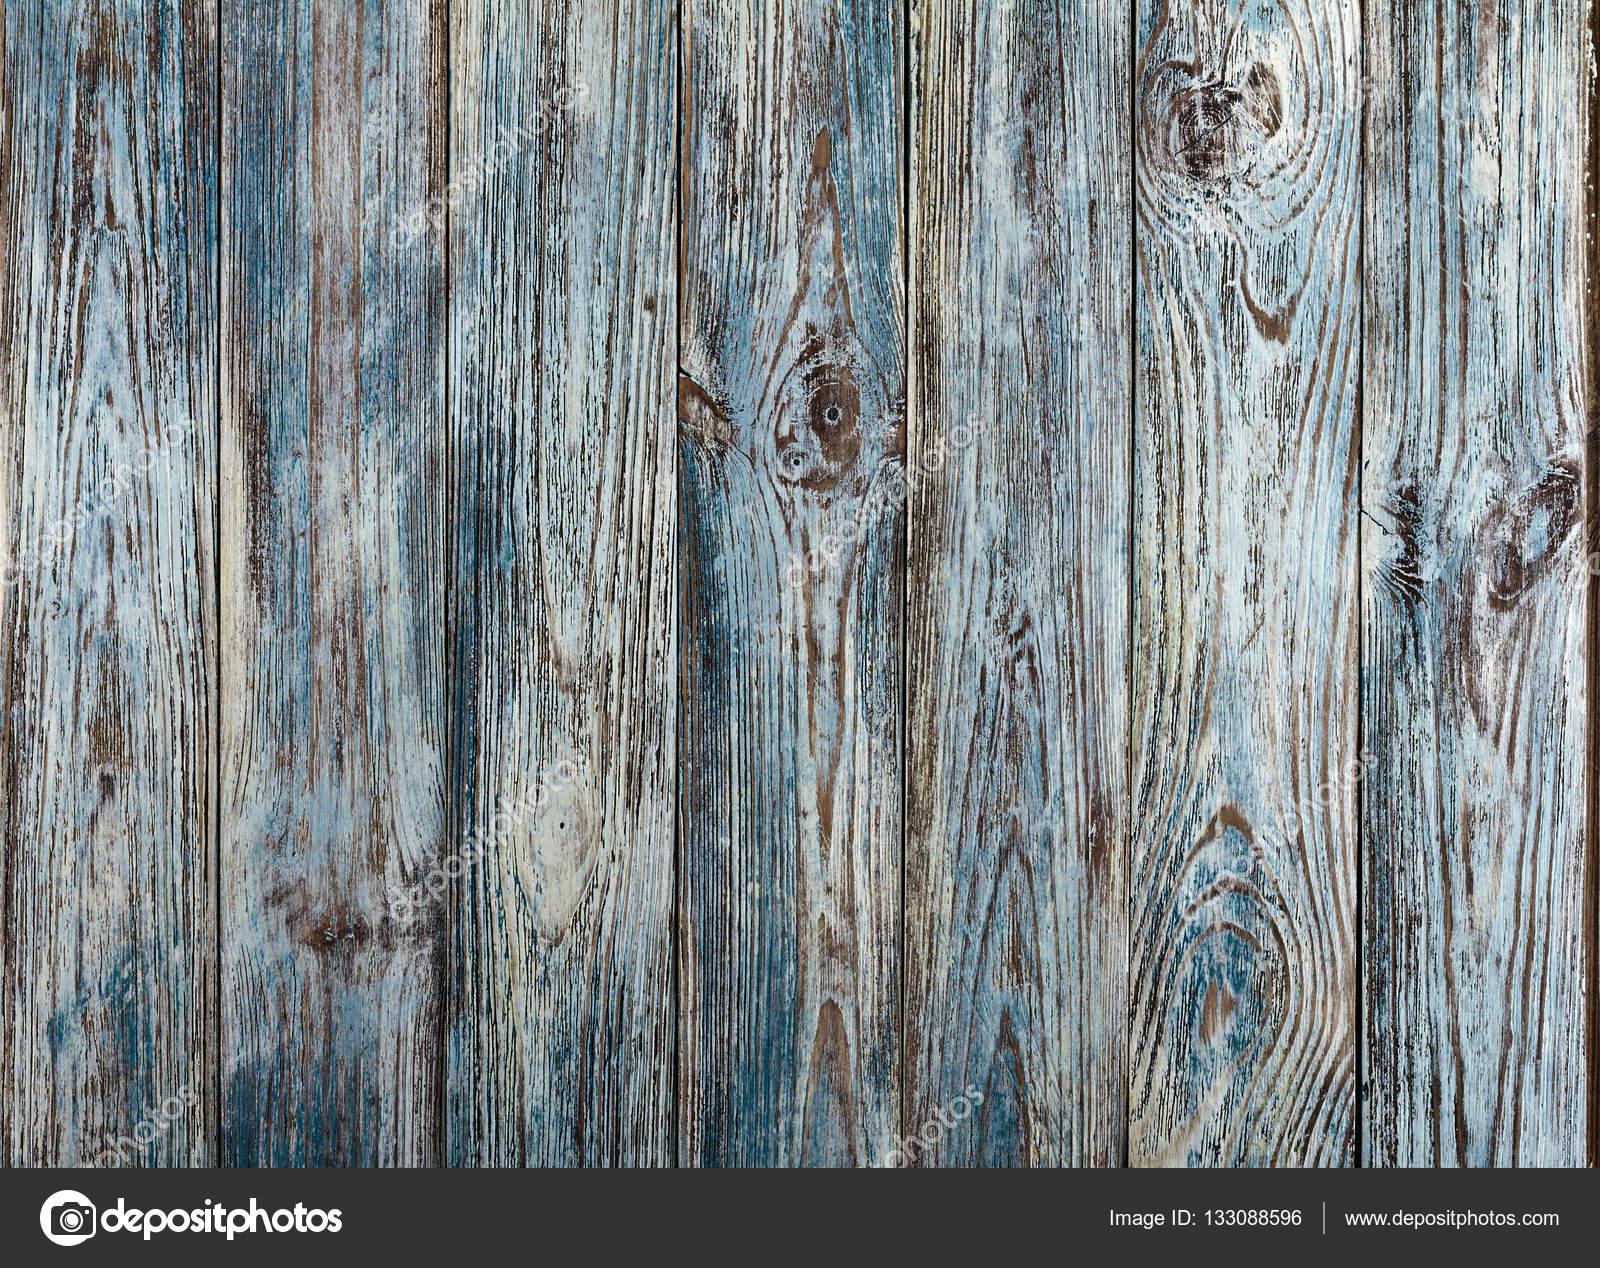 grau blau lackierten Grunge Holzplanken Hintergrund Board oder